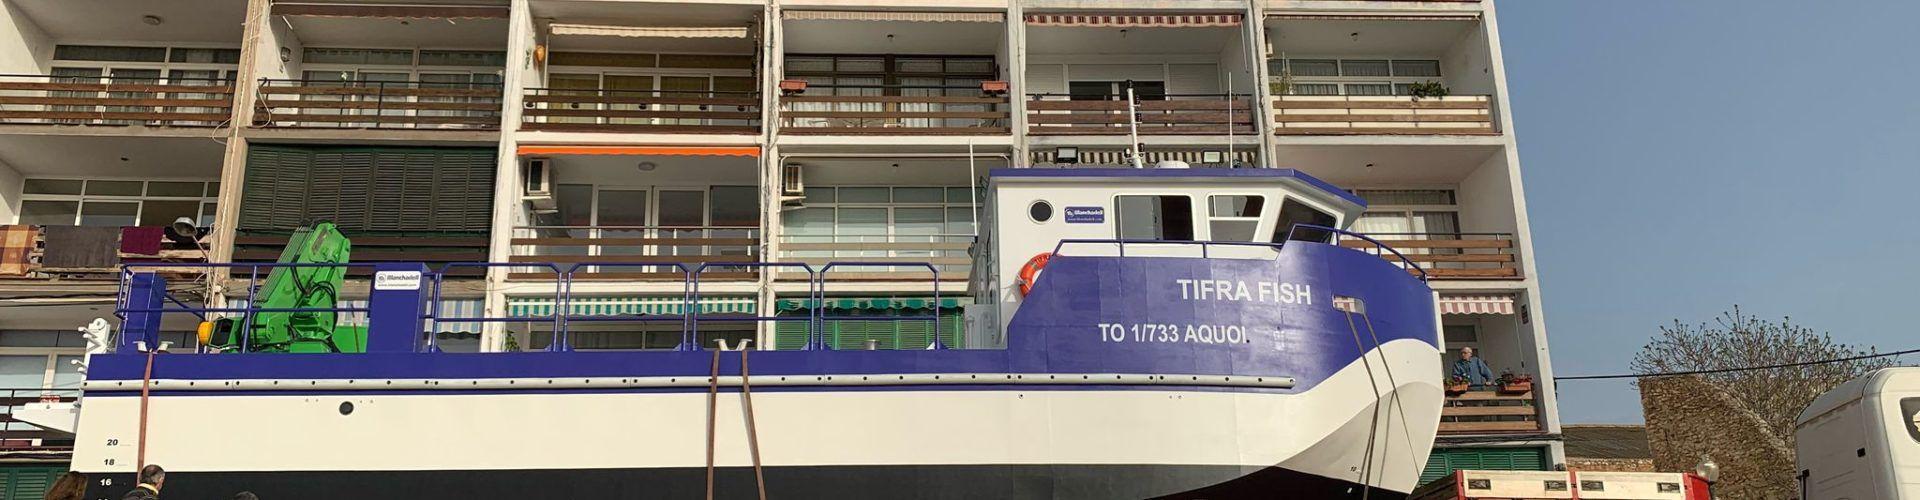 Un nou catamarà surt dels tallers navals de Vinaròs cap a Algèria